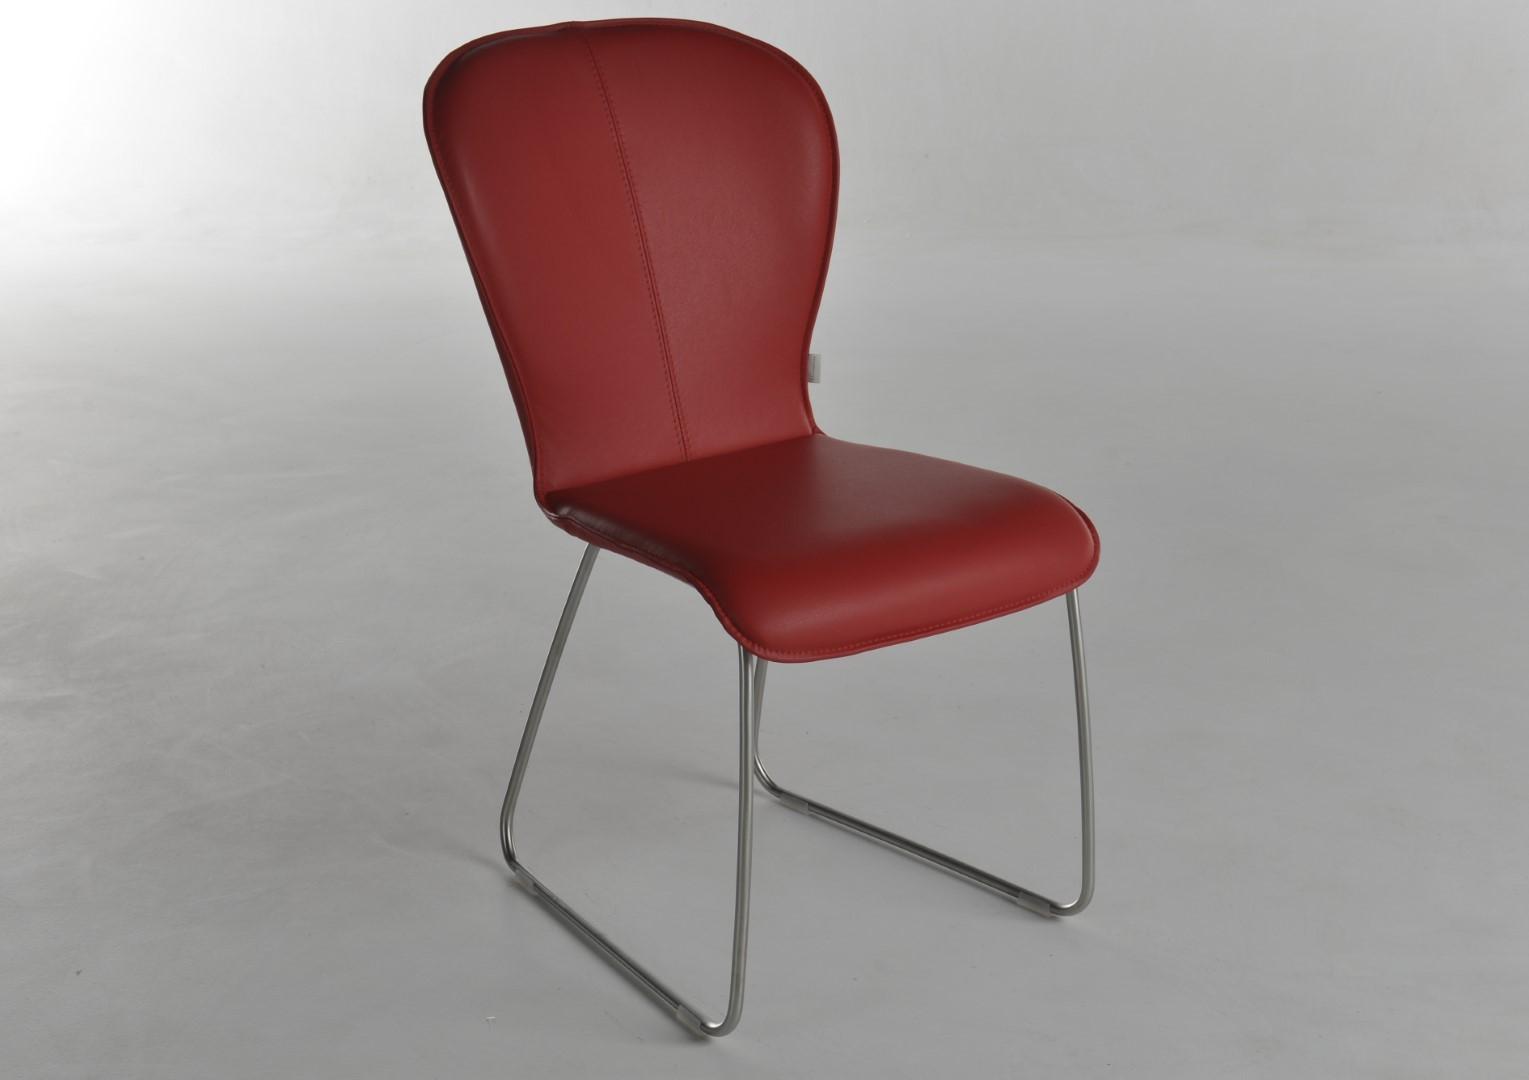 blake eetkamerstoel bert plantagie outlet. Black Bedroom Furniture Sets. Home Design Ideas